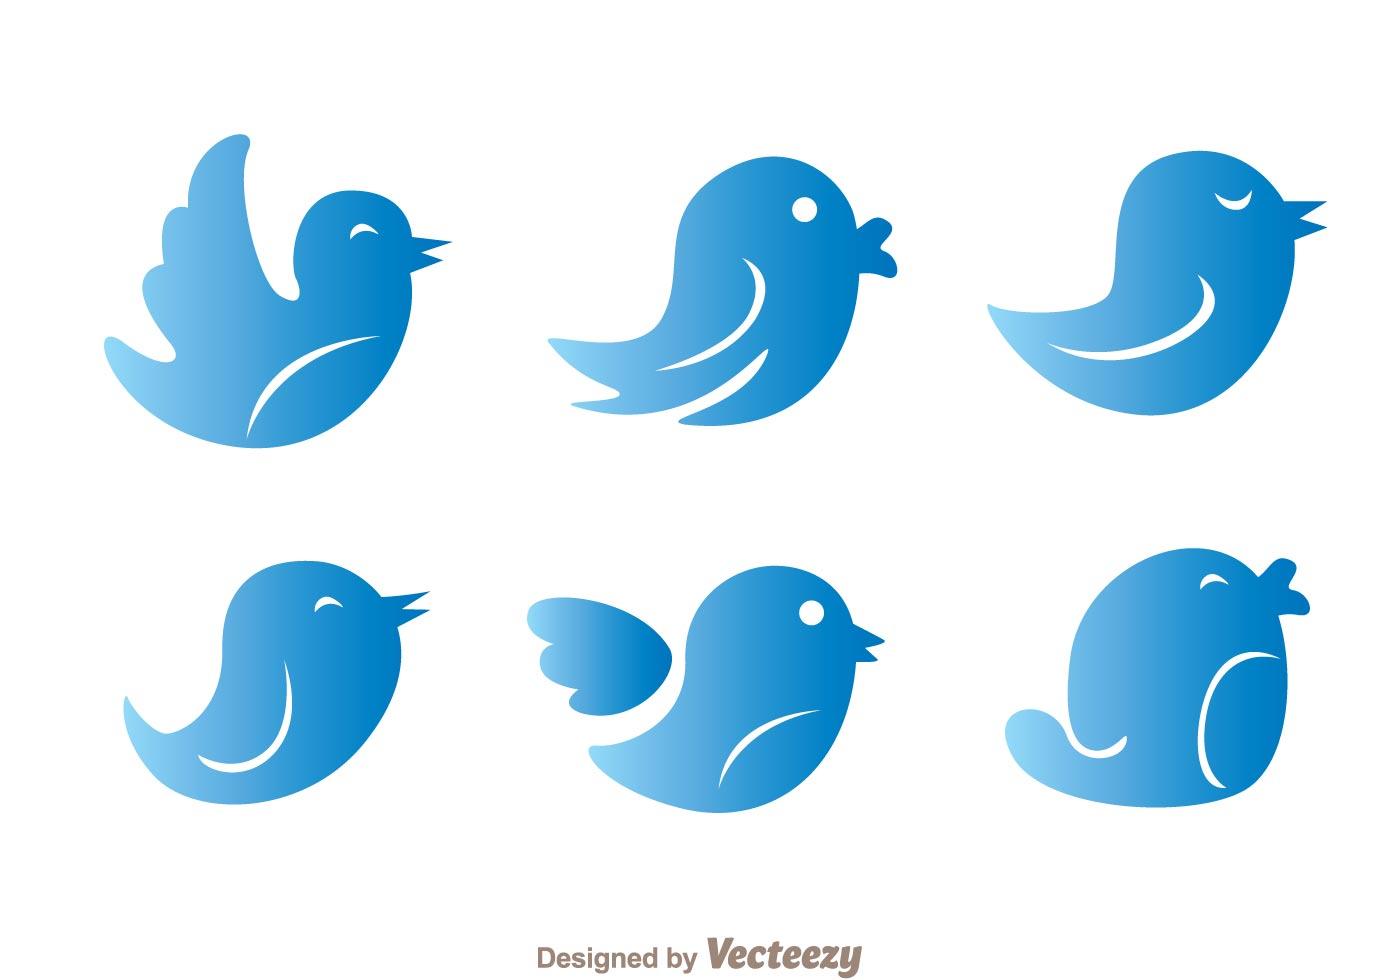 1400x980 Blue Gradation Twitter Bird Vectors